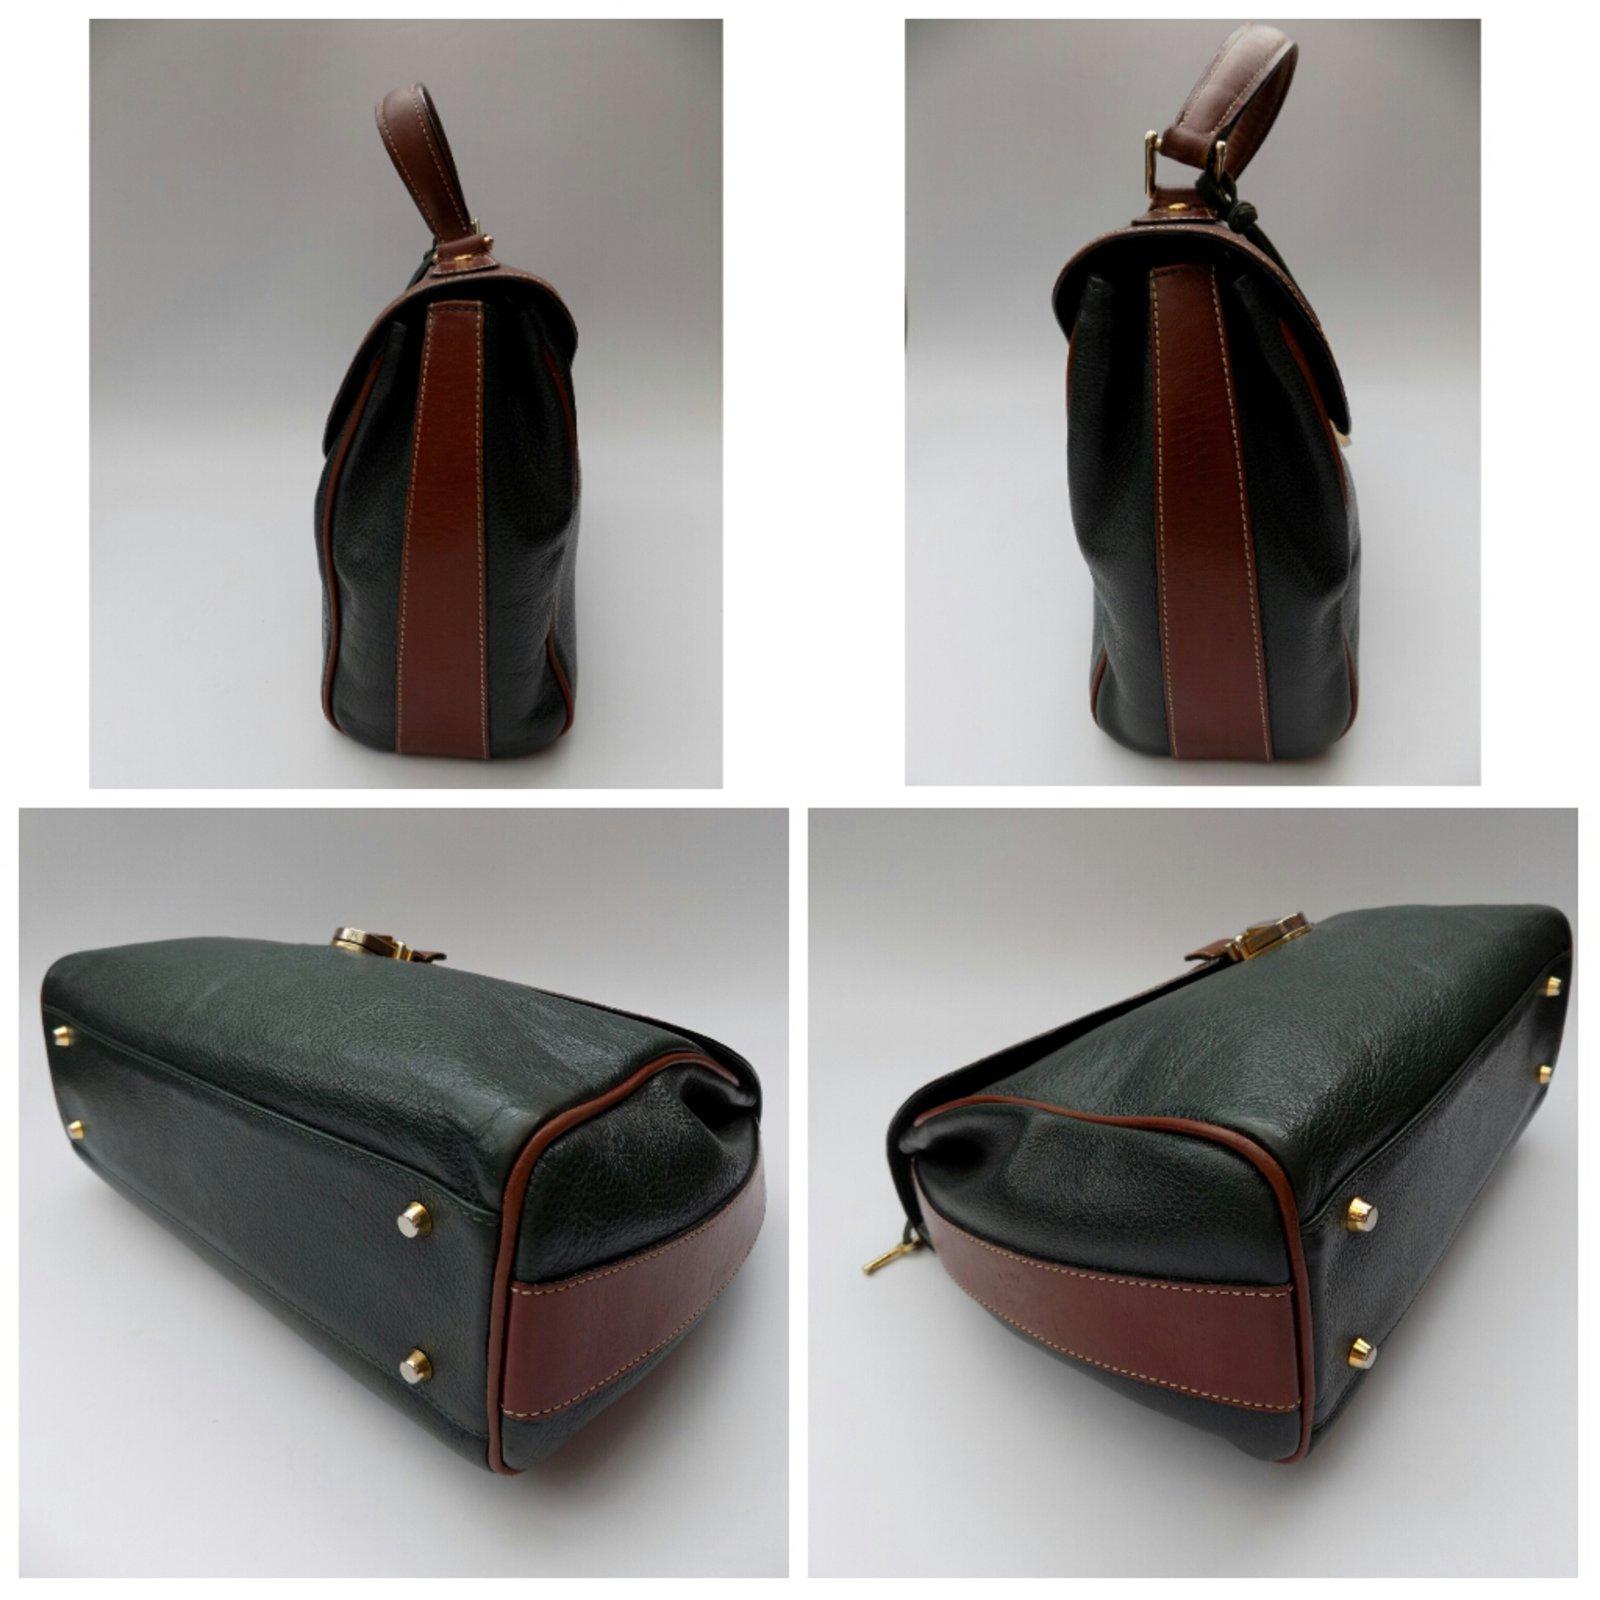 40cd4c7acf Bally Handbag Handbags Leather Brown